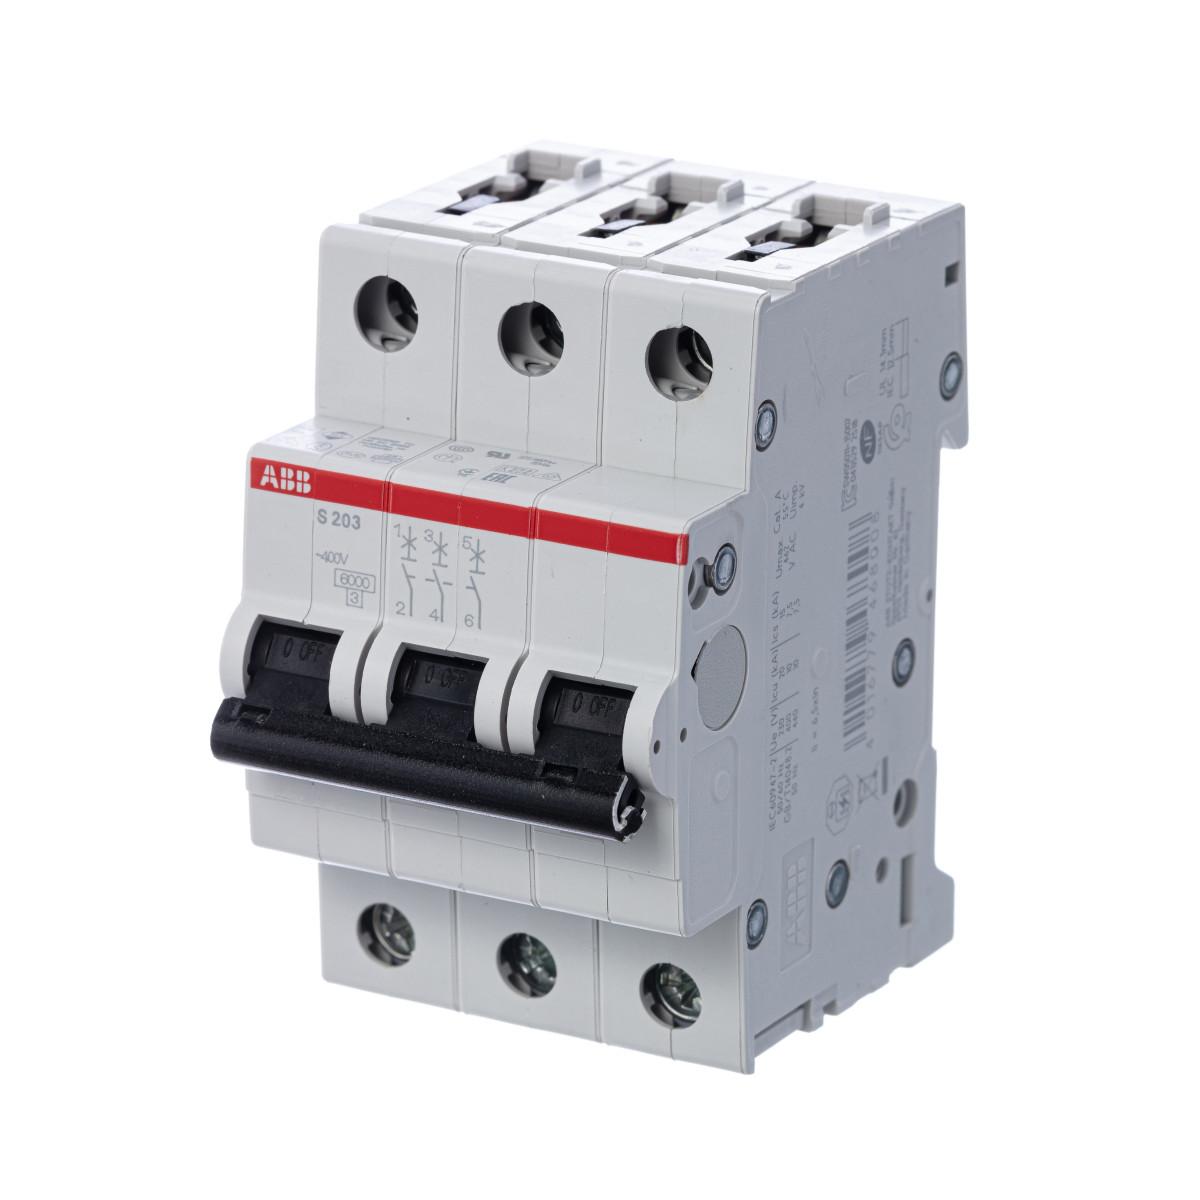 Выключатель автоматический ABB S203 3 полюса 25 А C